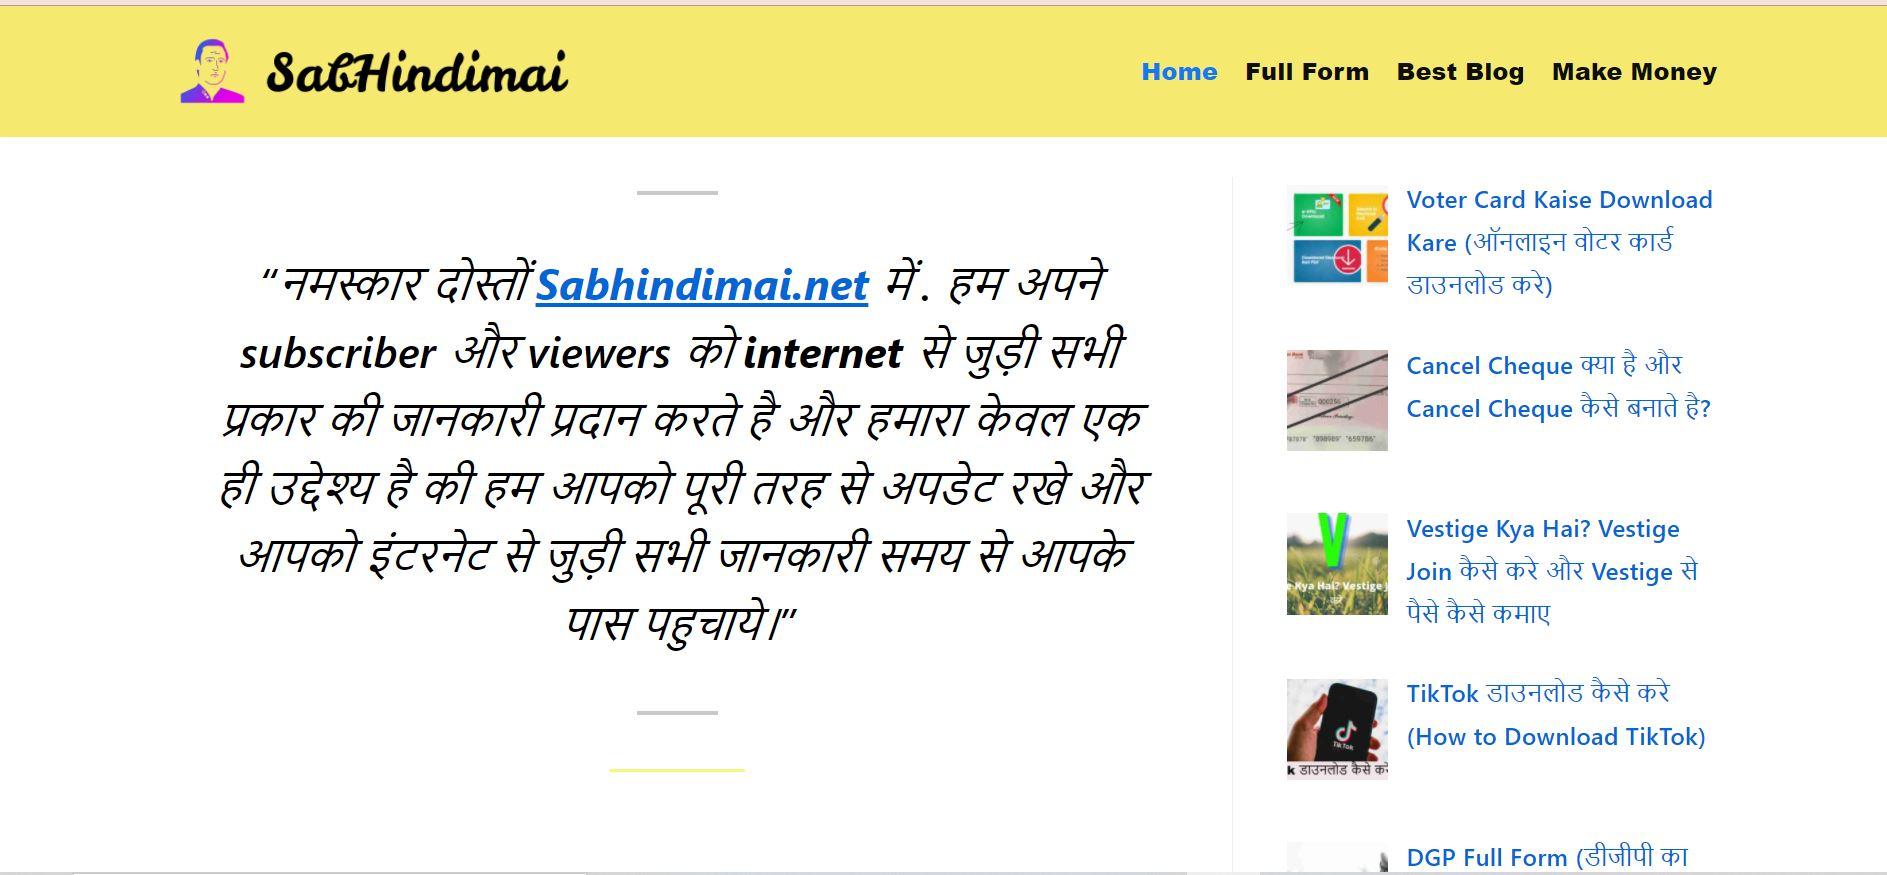 Sabhindimai